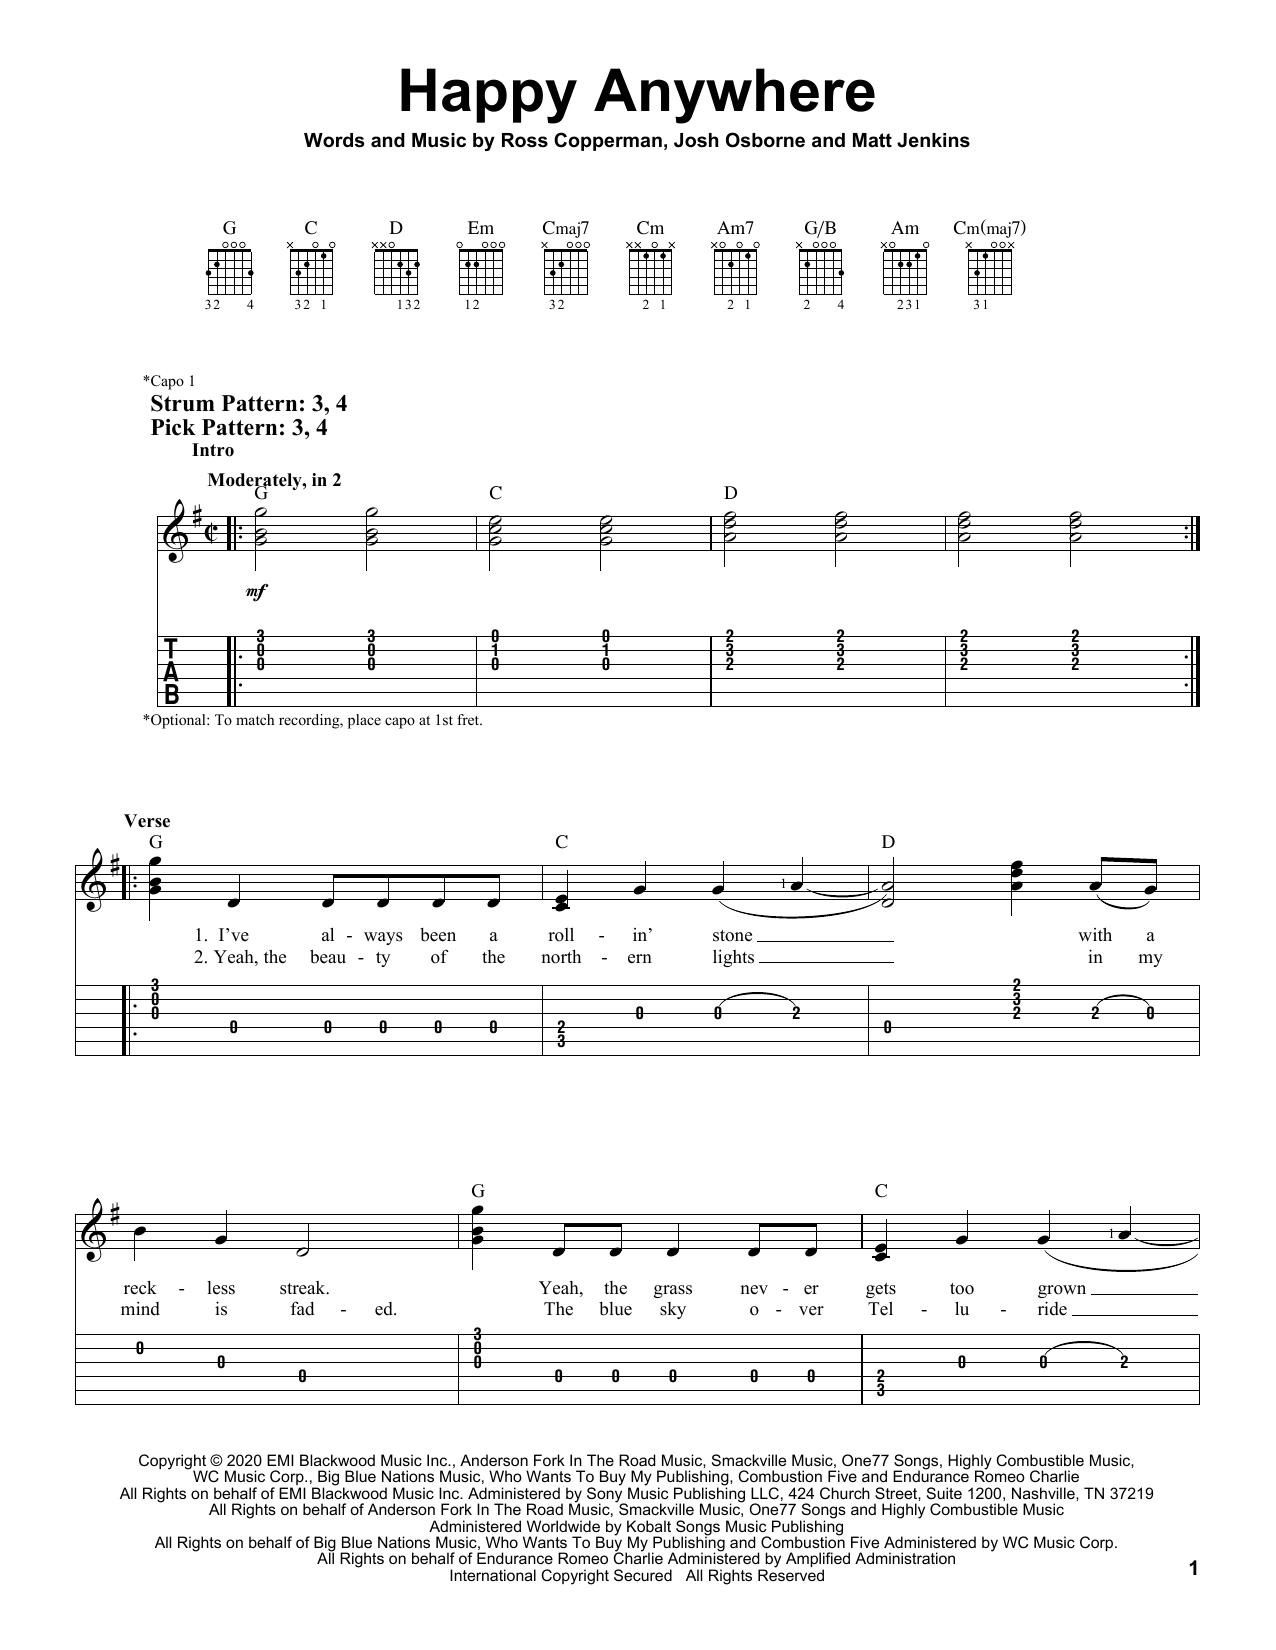 Blake Shelton Happy Anywhere feat. Gwen Stefani Sheet Music Notes, Chords    Download Printable Easy Guitar Tab PDF Score   SKU 15